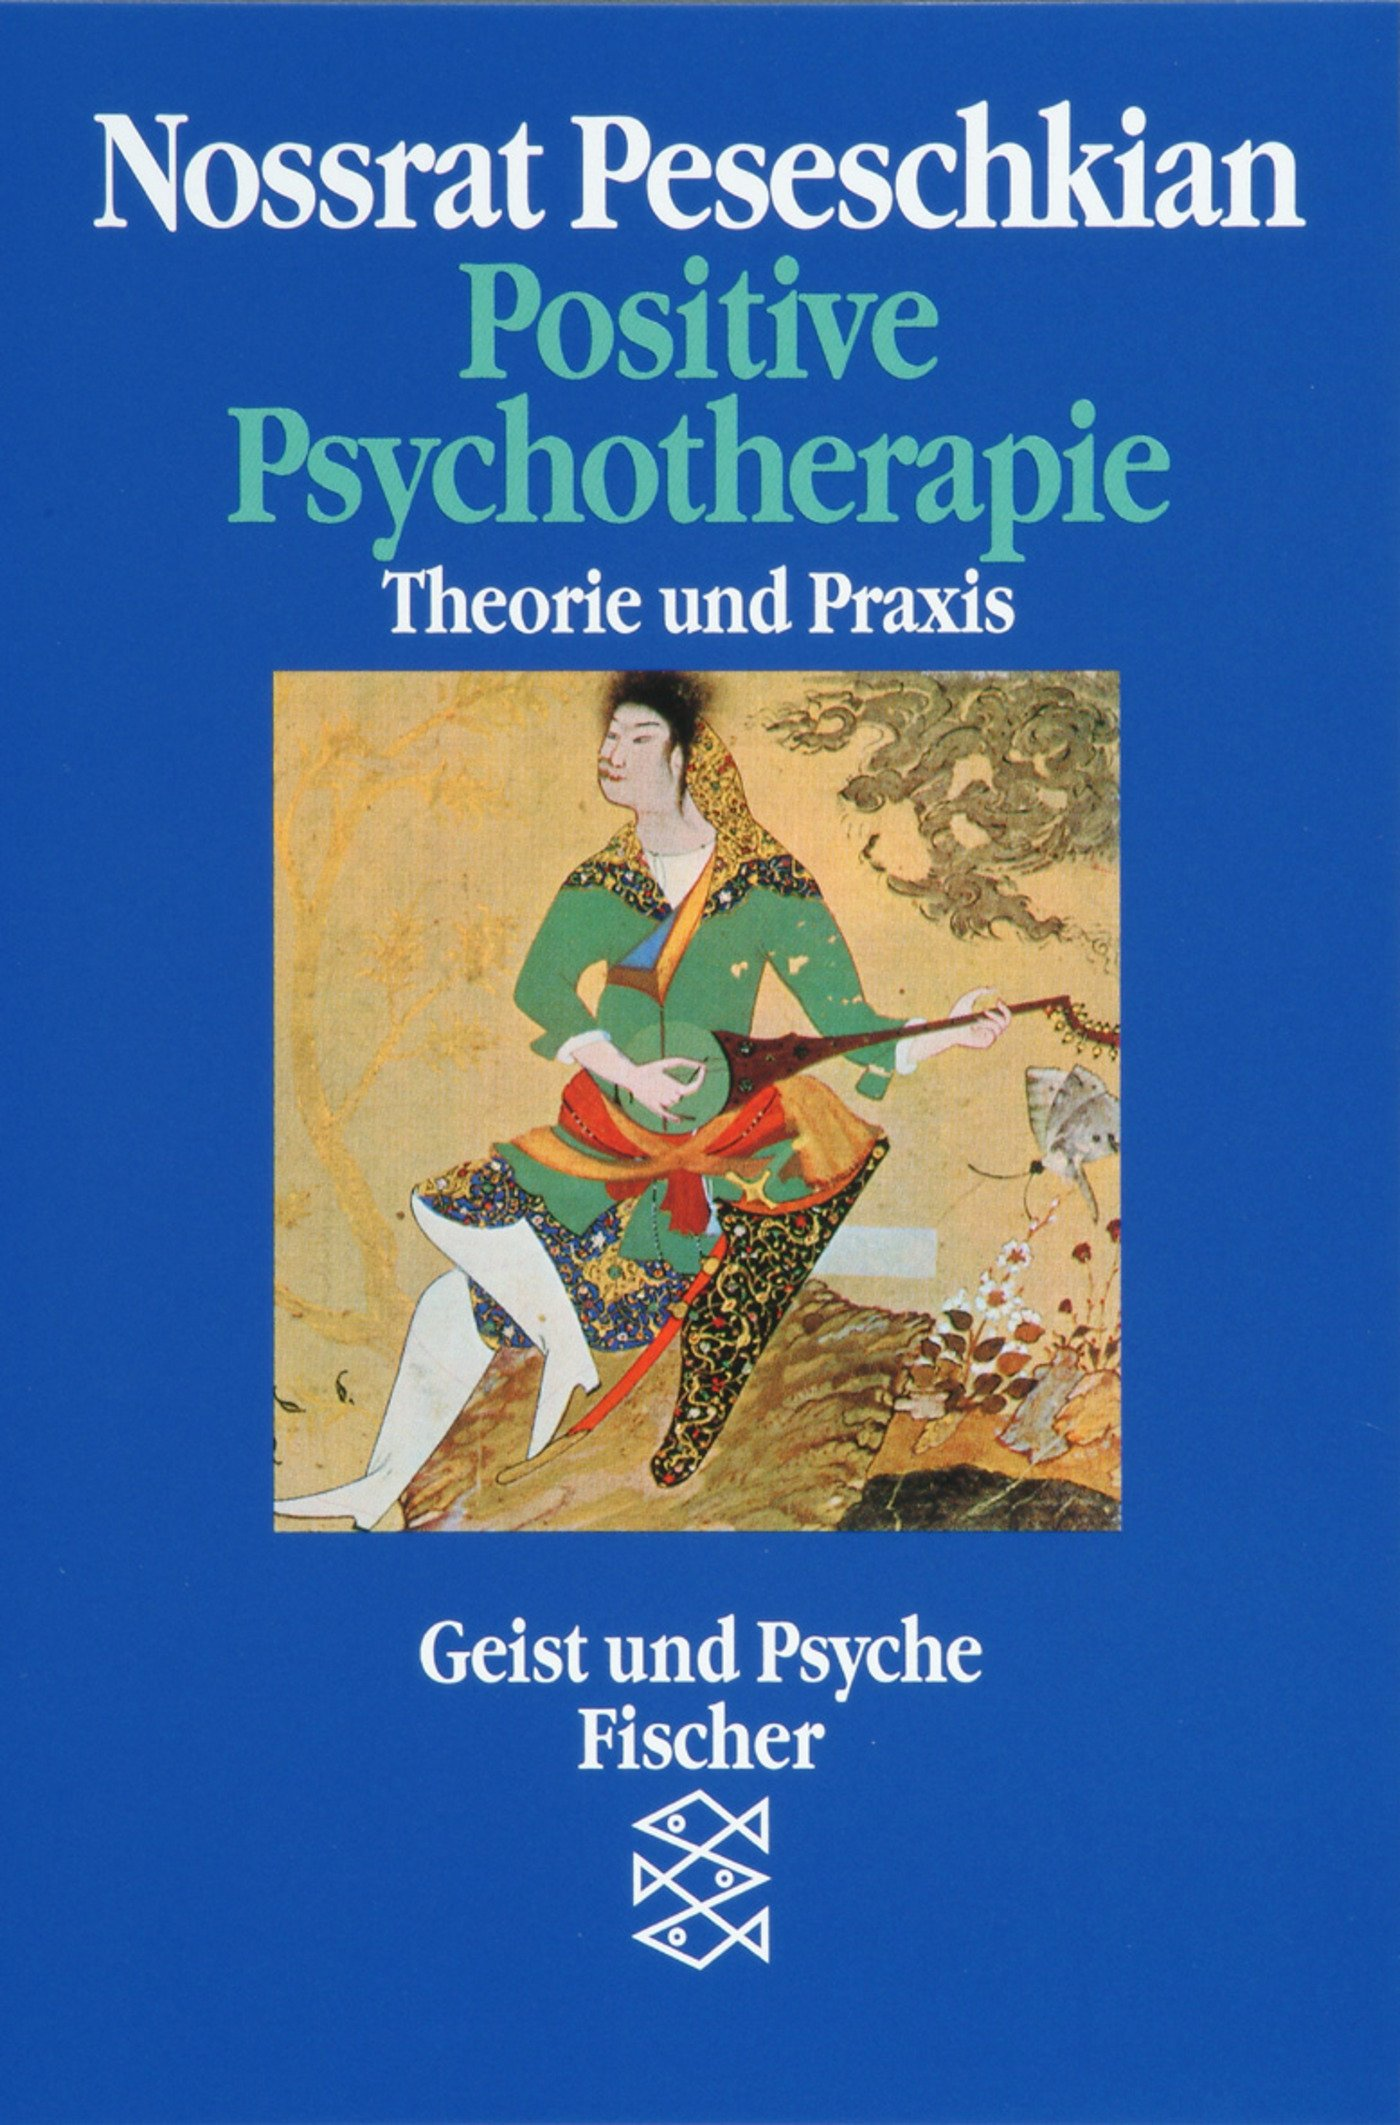 Positive Psychotherapie: Theorie und Praxis einer neuen Methode